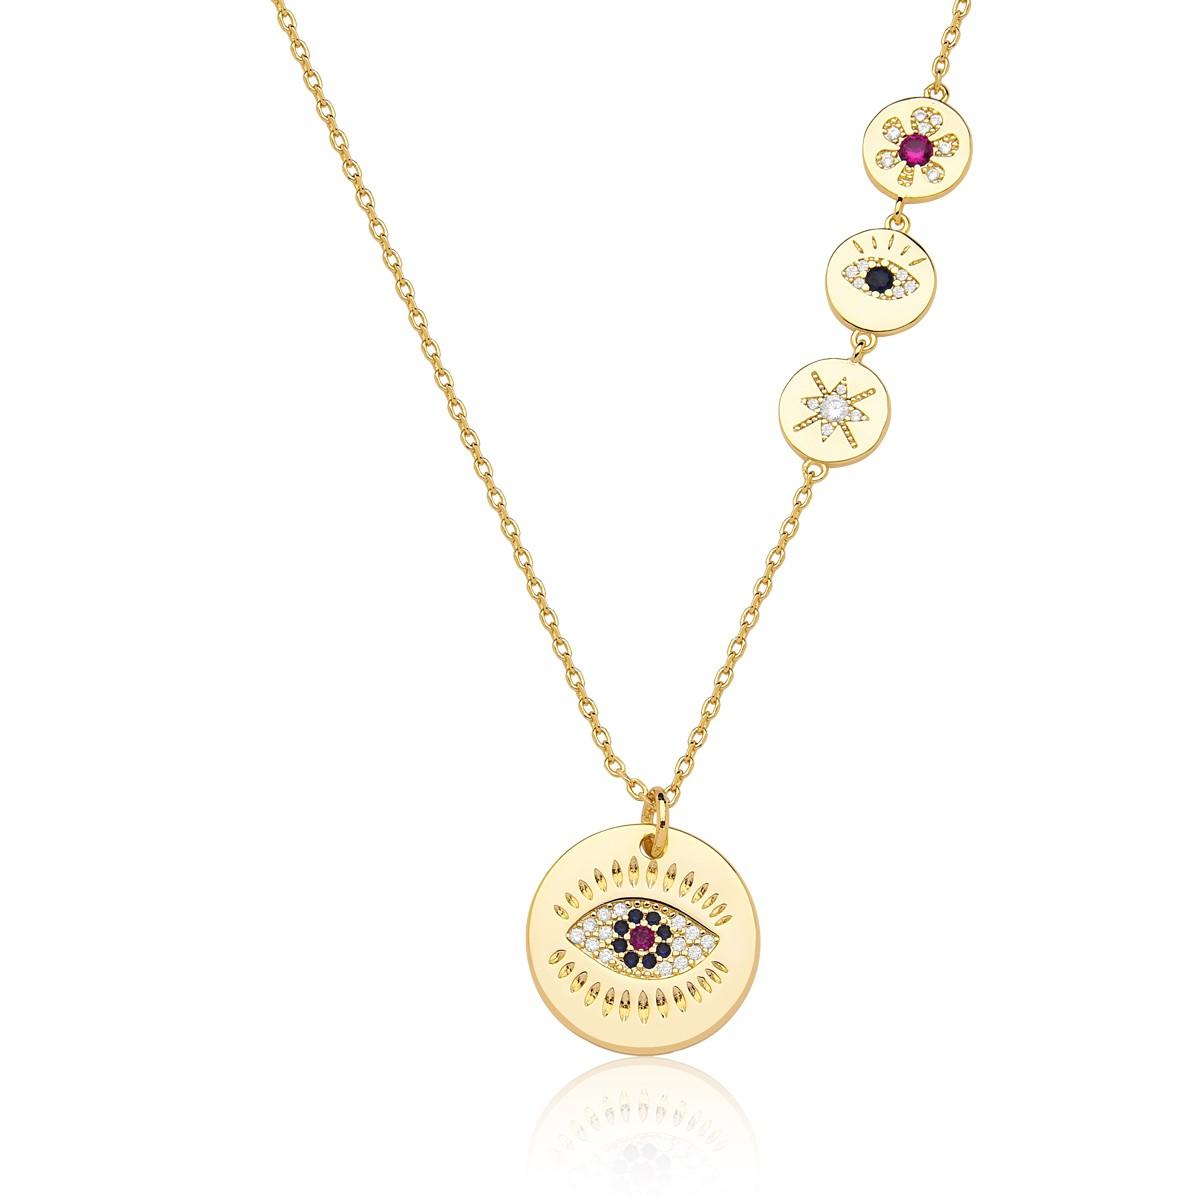 Colar com Pingente Olho Grego, estrela e flor banhado em ouro 18k